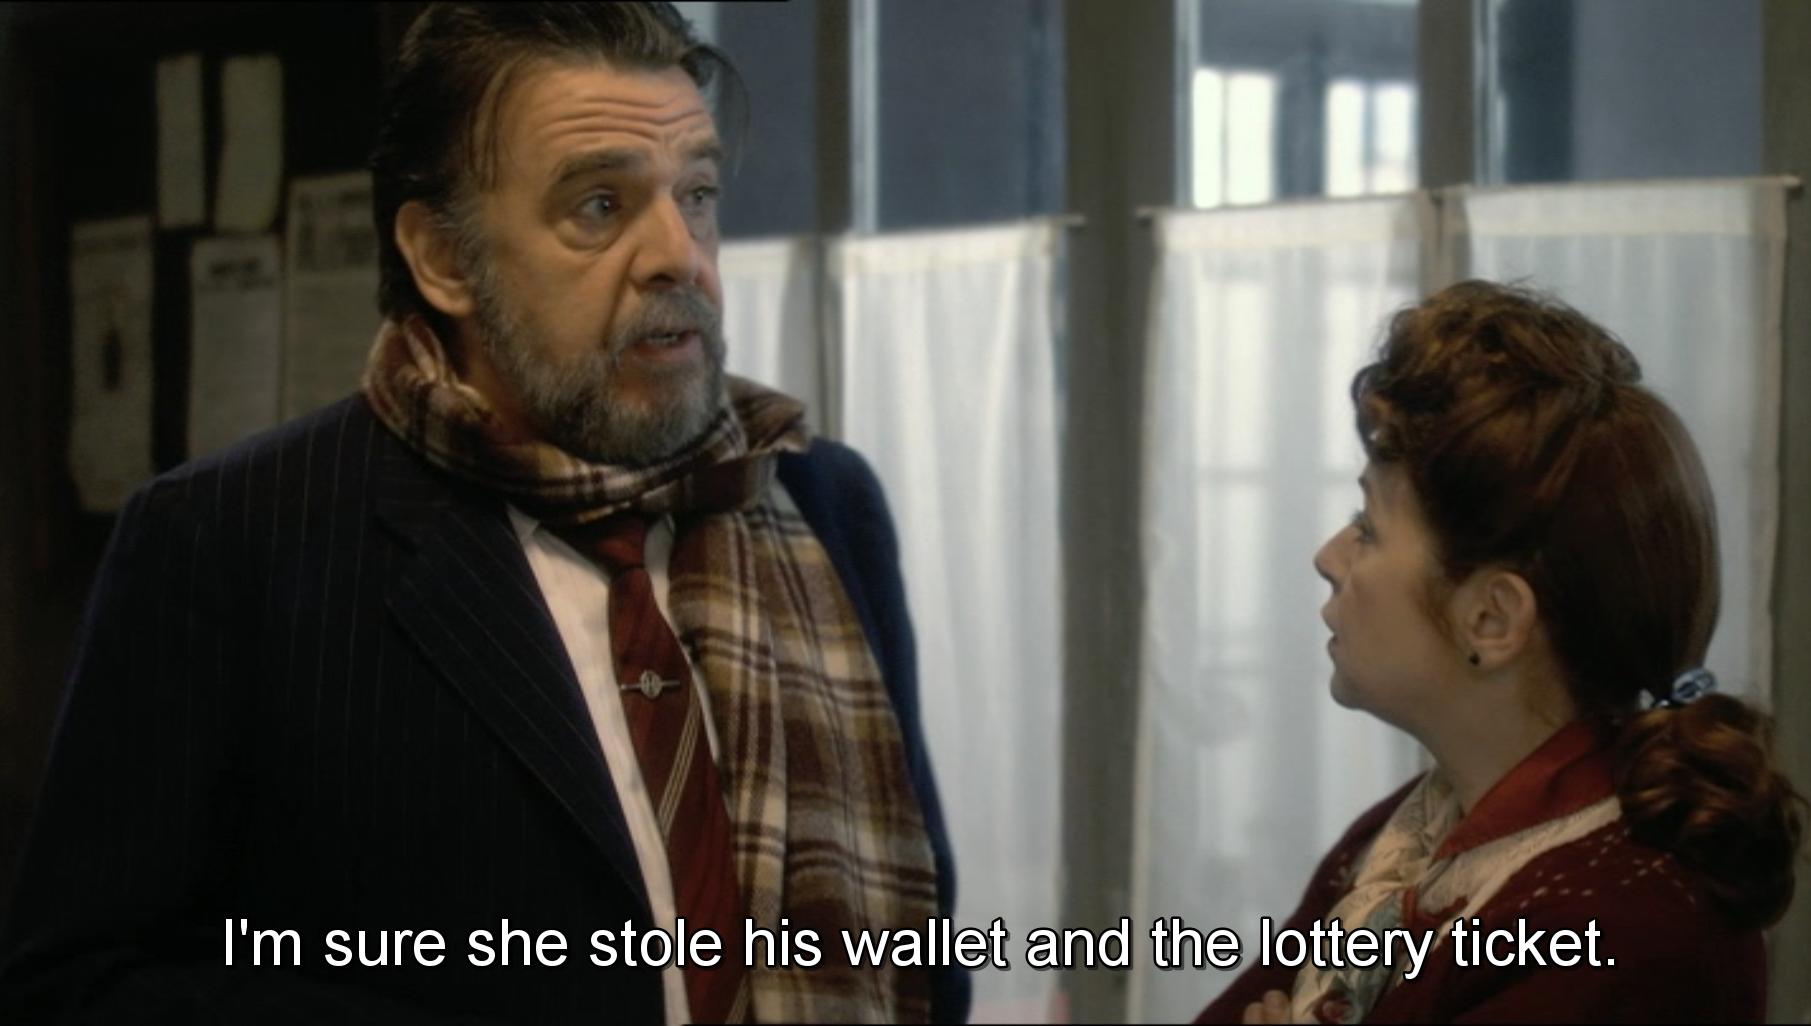 Le sex shop subtitles